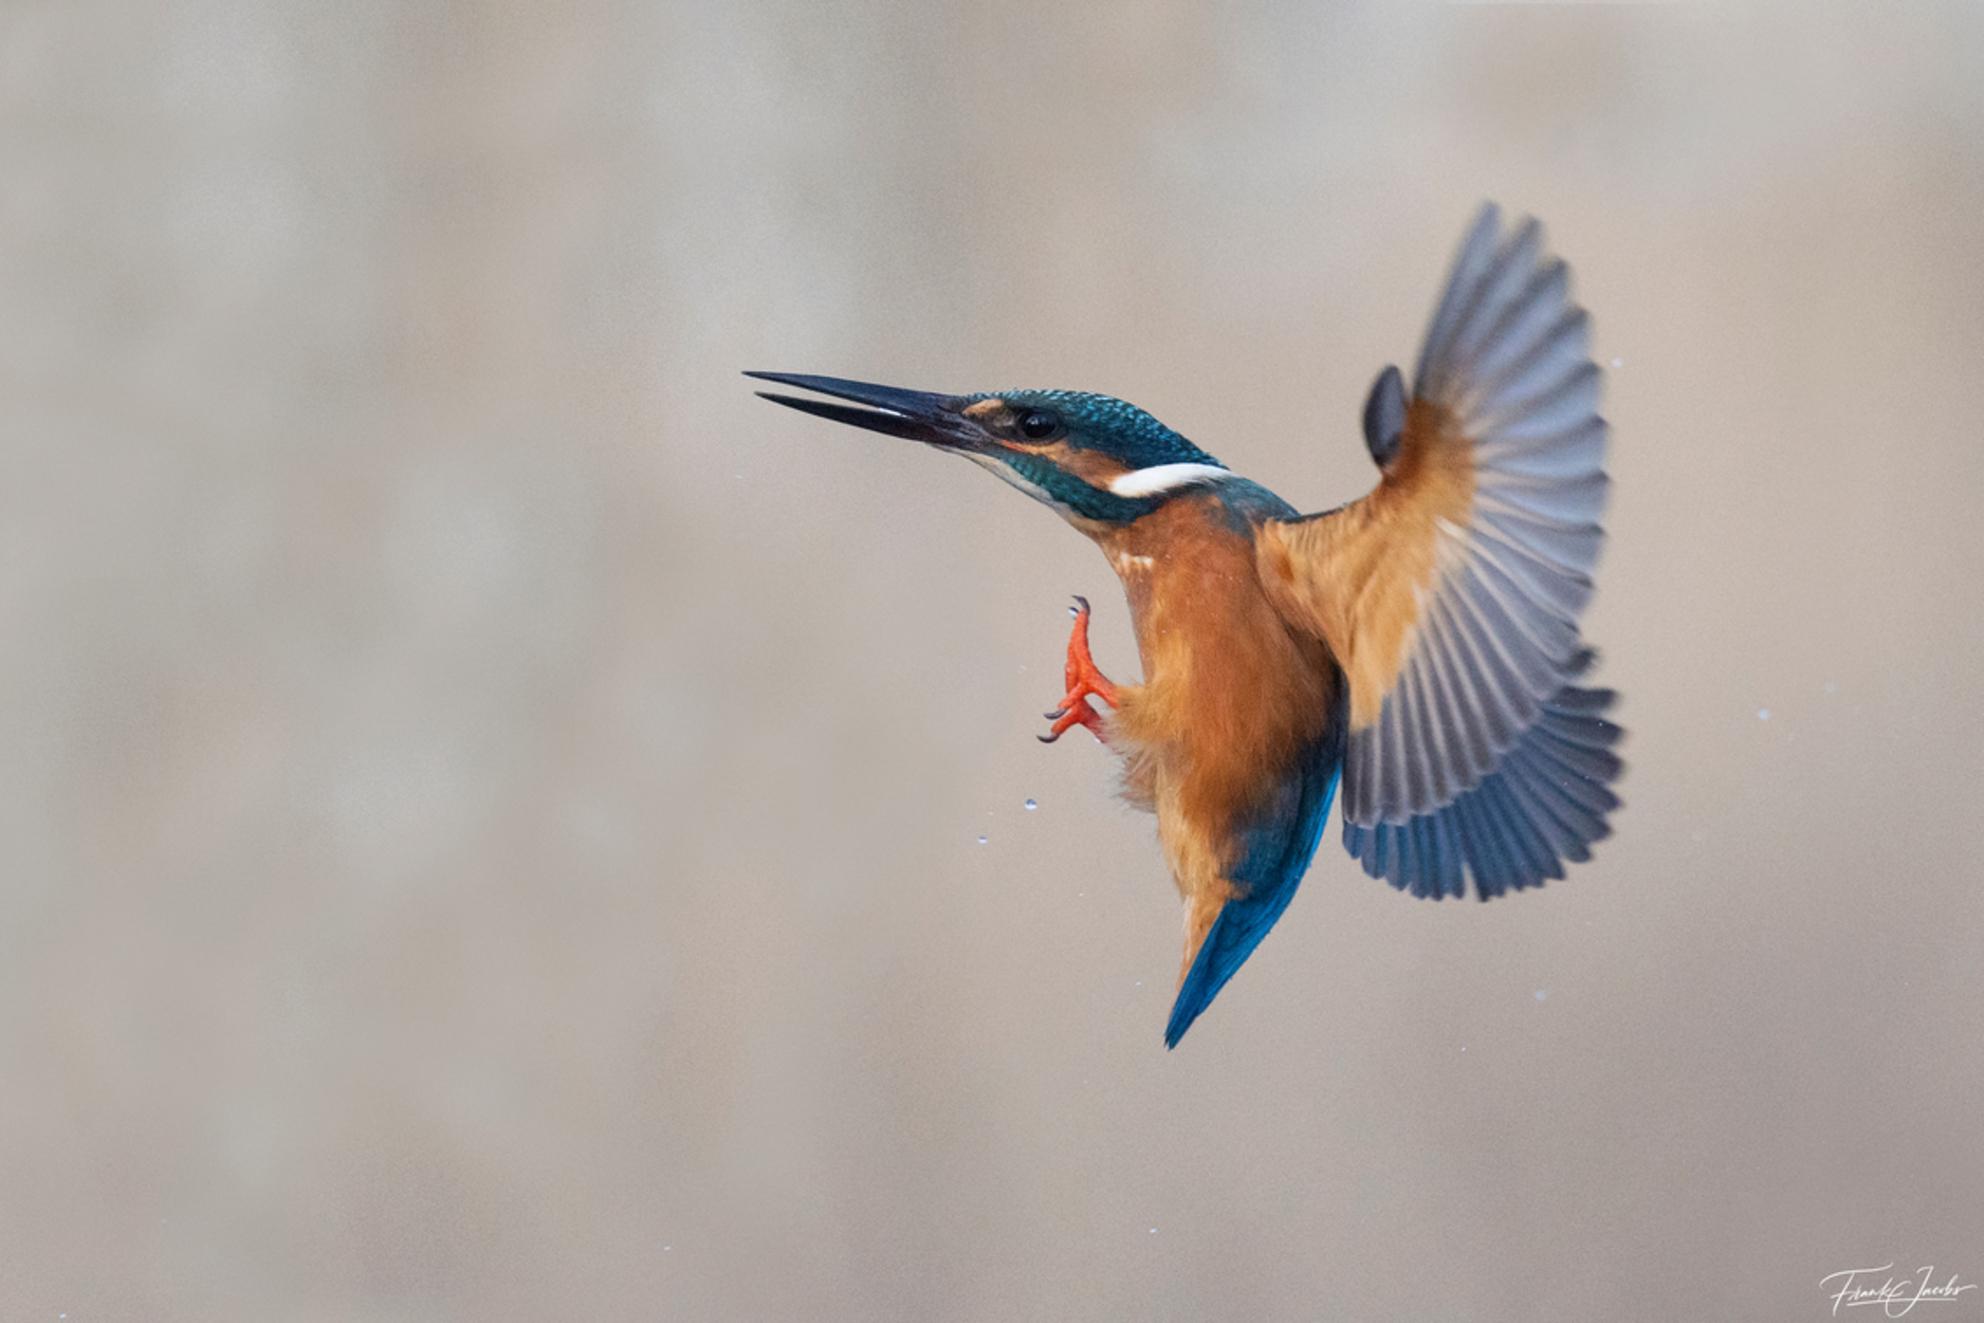 Landing - - - foto door frankjacobs op 06-03-2021 - deze foto bevat: kleur, blauw, water, natuur, oranje, vogel, watervogel, nikon, actie, wildlife, ijsvogel, beweging, frank jacobs, frankjacobs, nikon d5